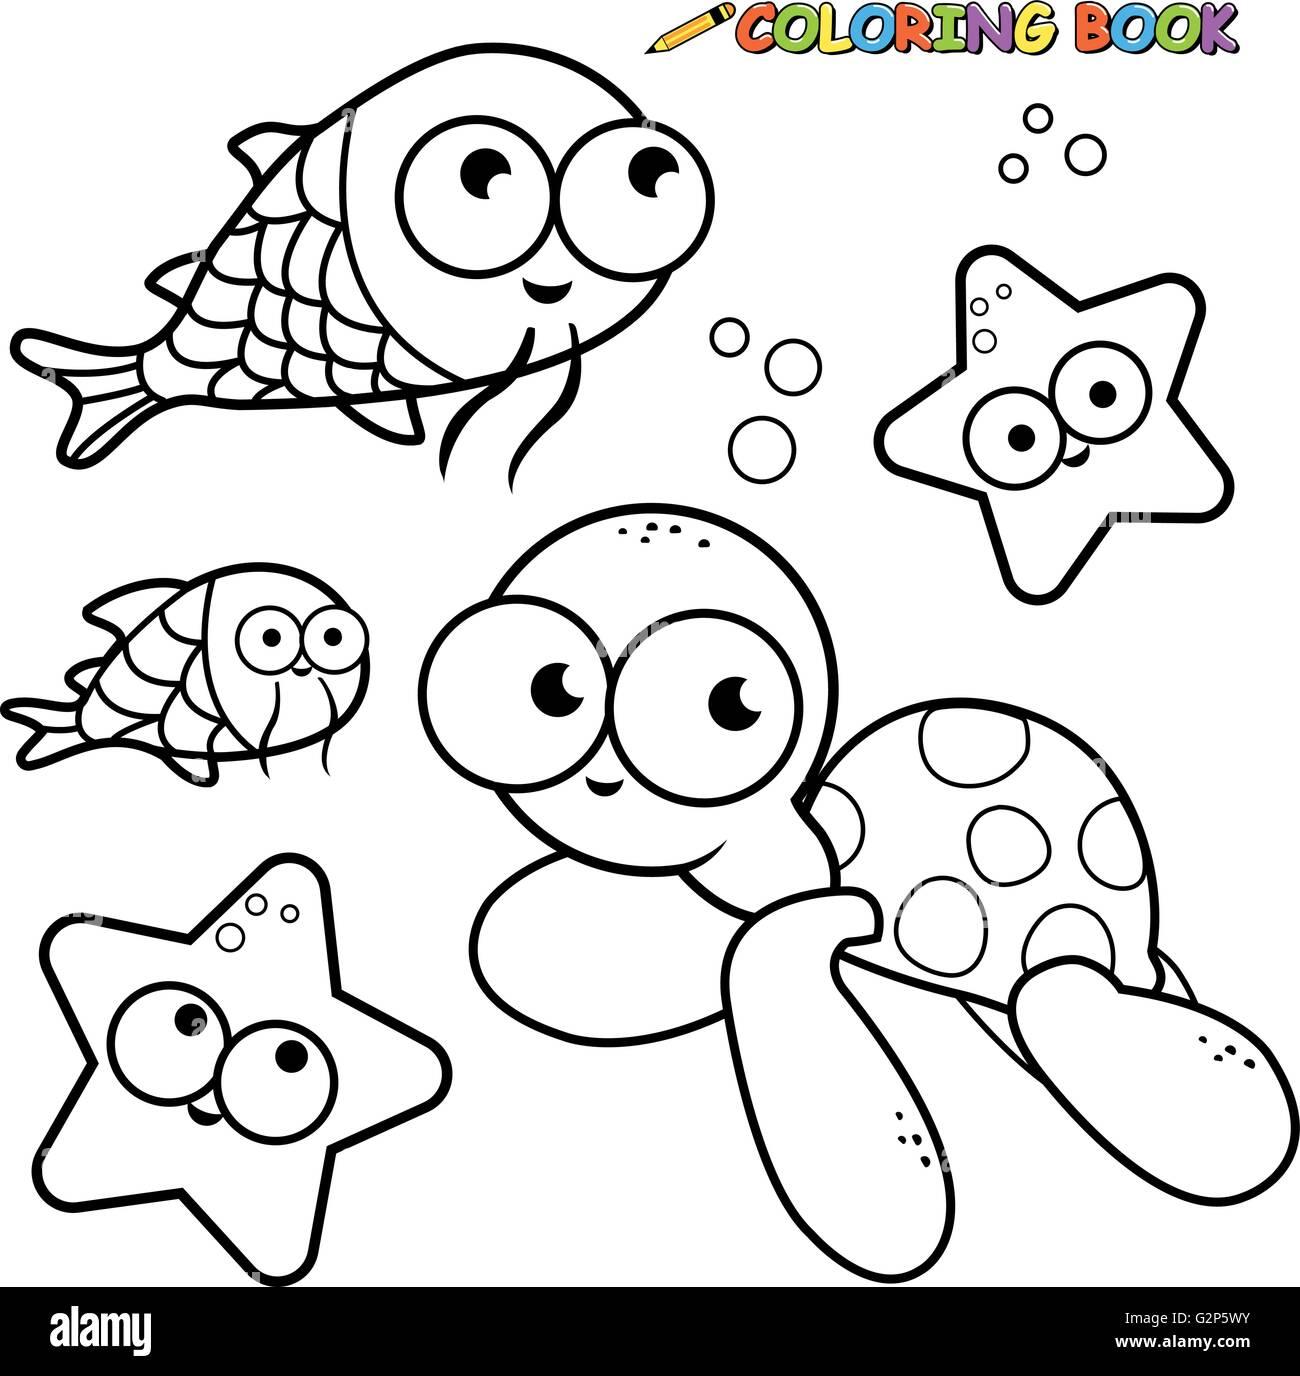 Bianco E Nero Immagine Di Contorno Di Animali Marini Libro Da